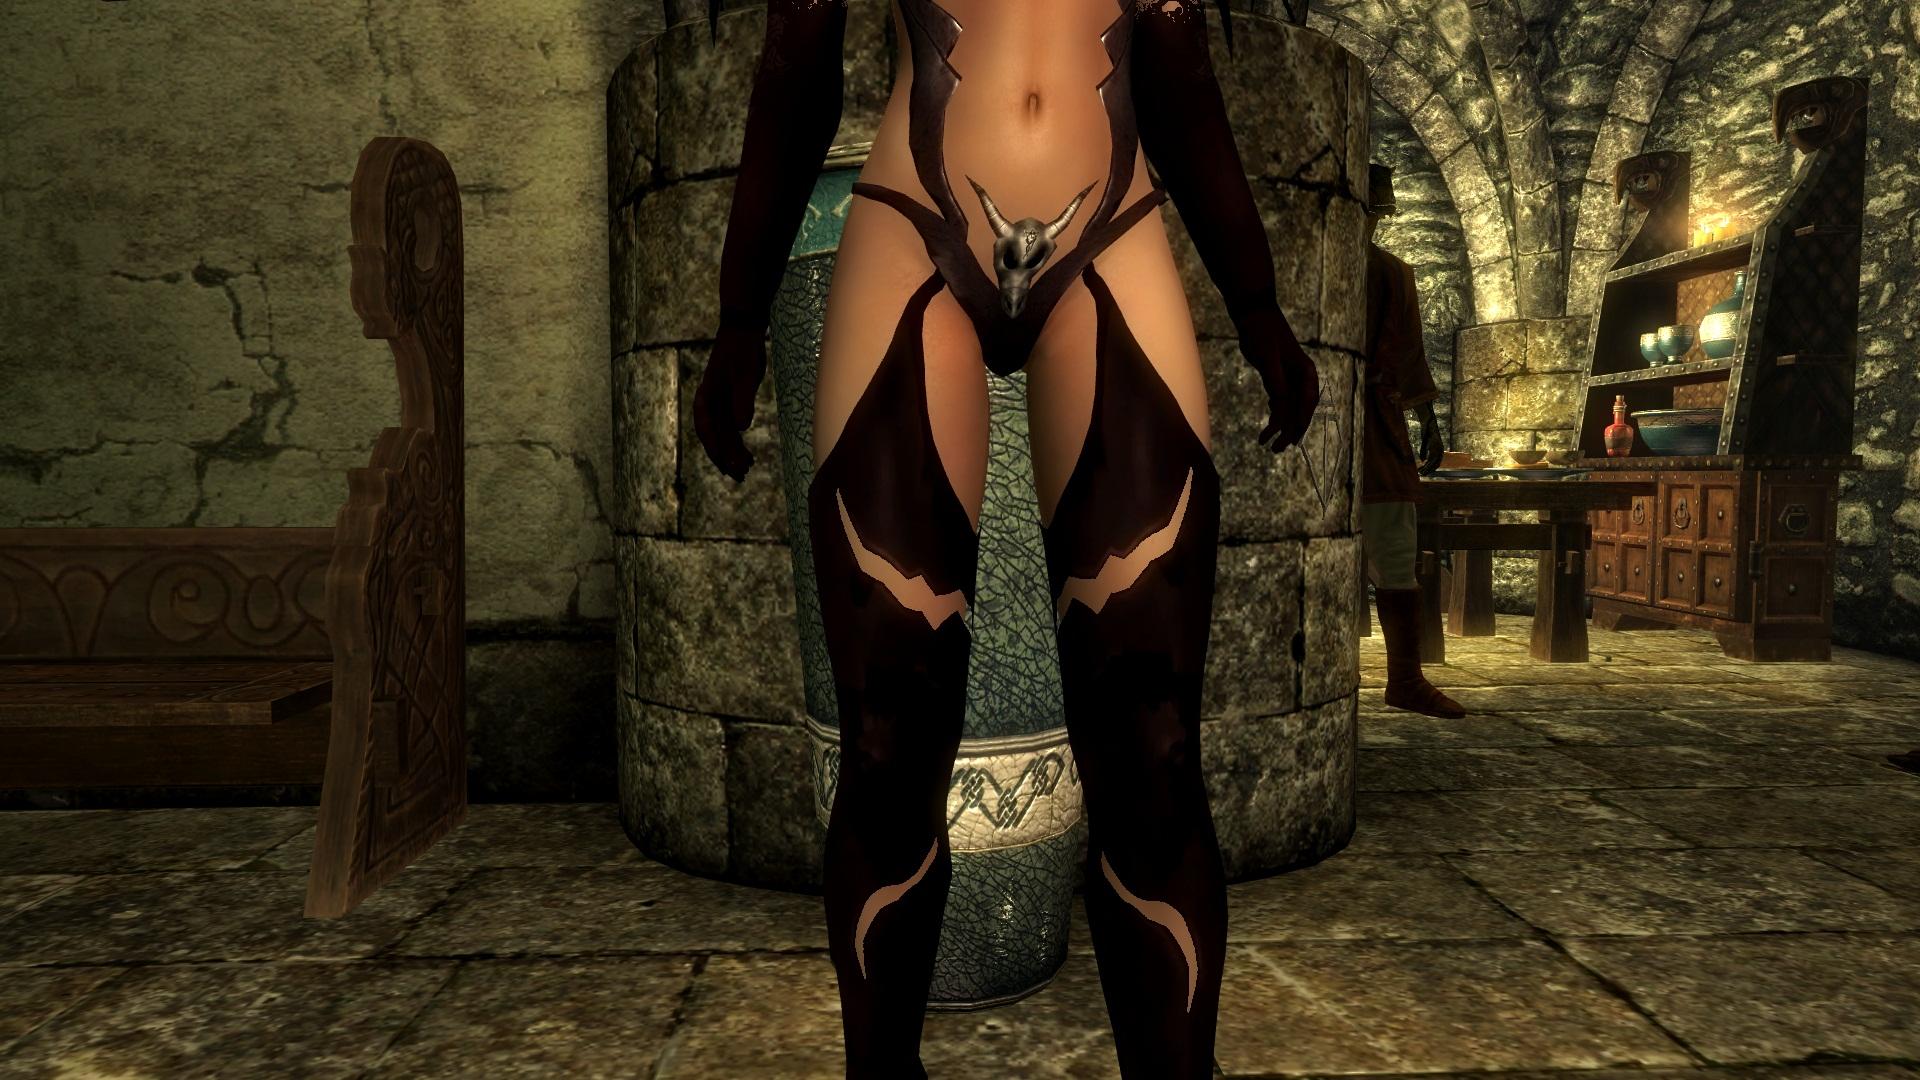 Skyrim succubus boobs nsfw picture